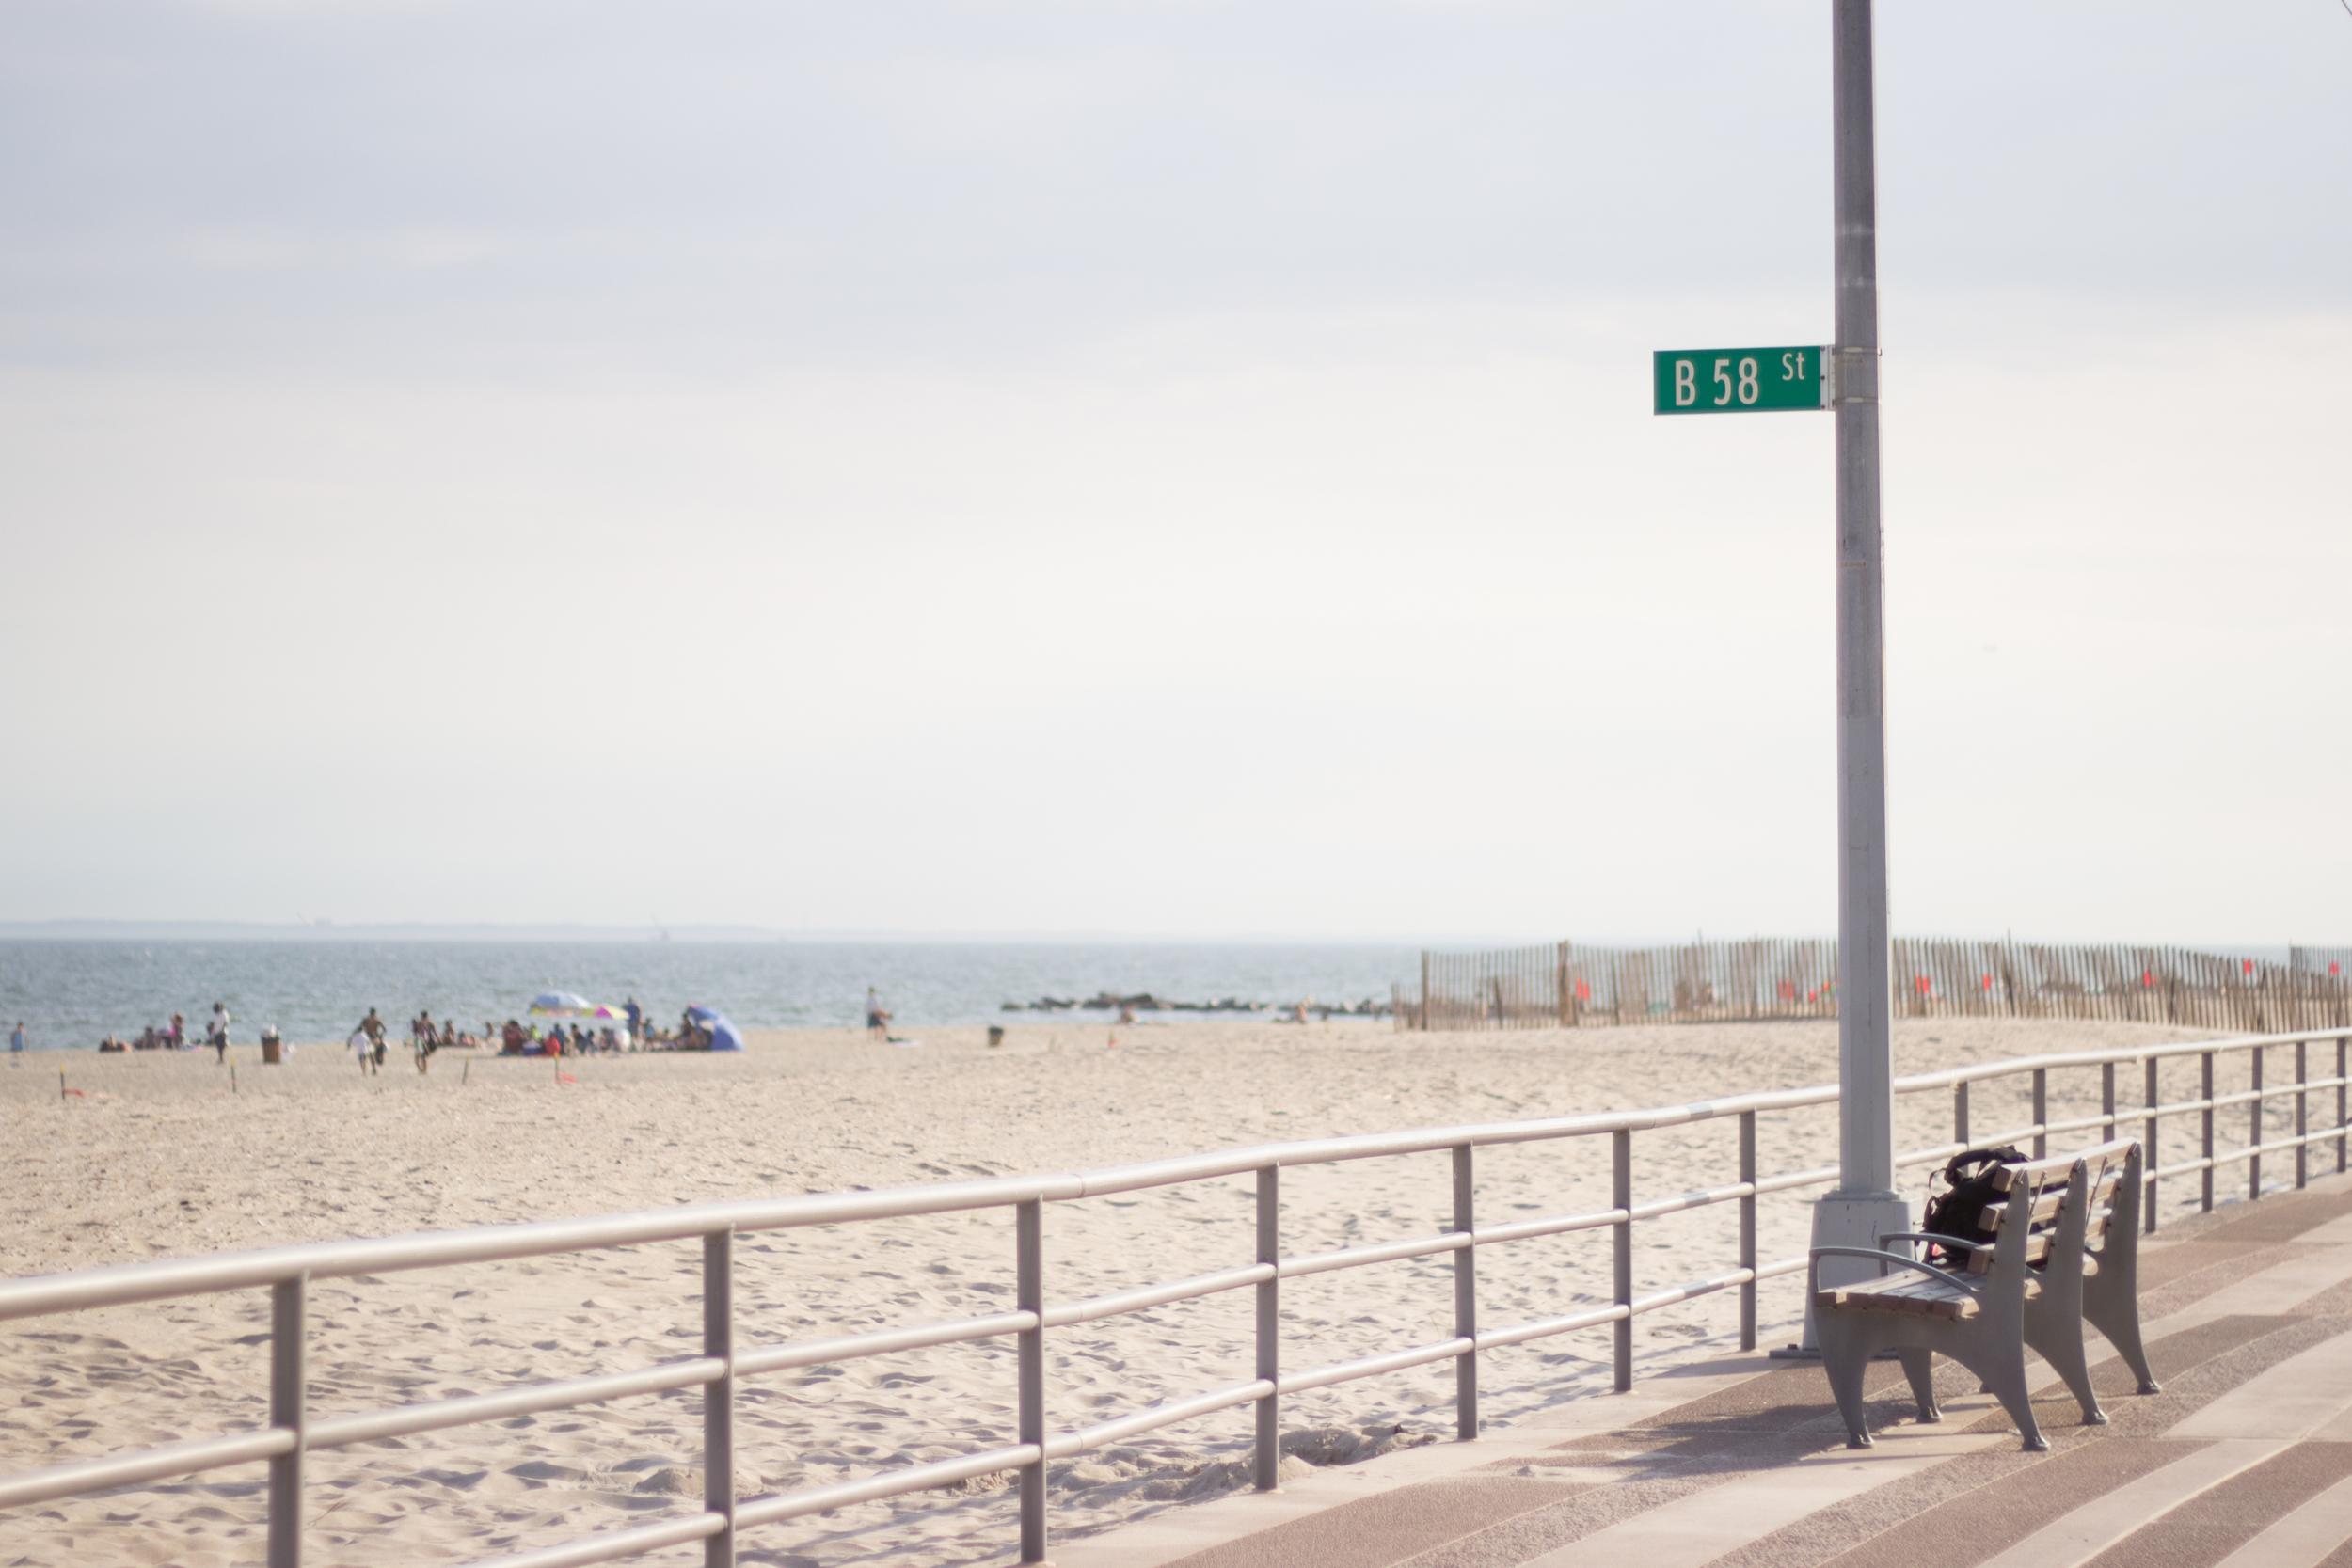 rockaway beach new york brooklyn.jpg